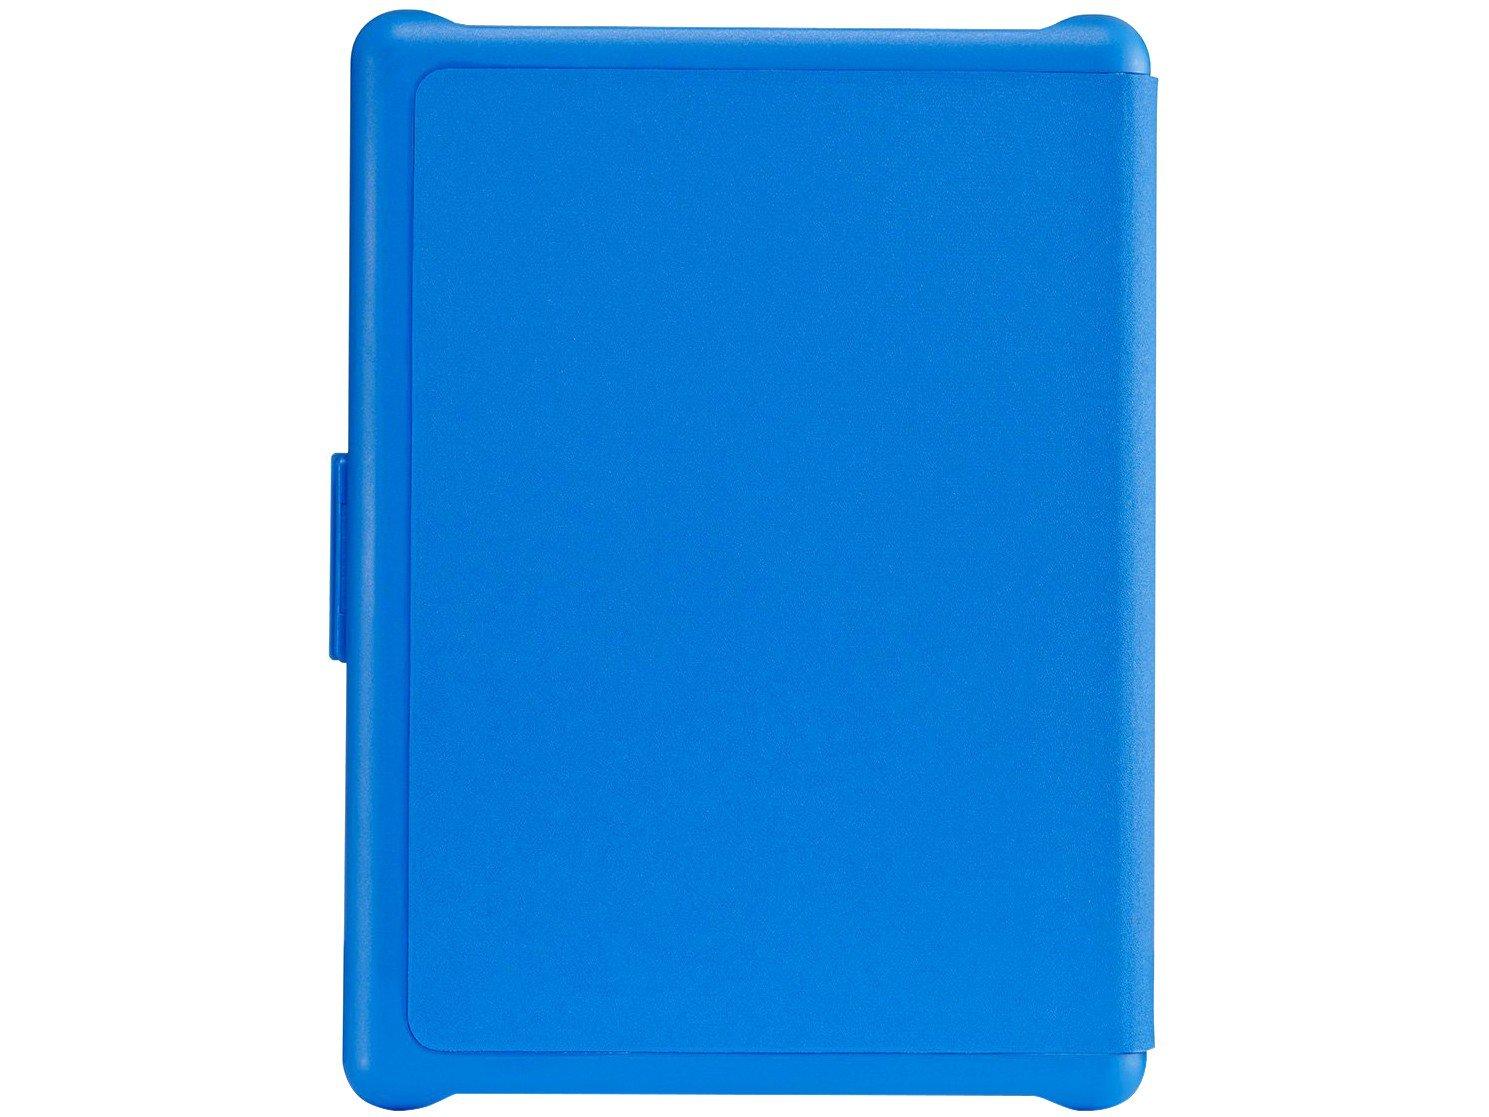 Foto 4 - Capa para Kindle 8ª Geração Azul AO0517 - Amazon